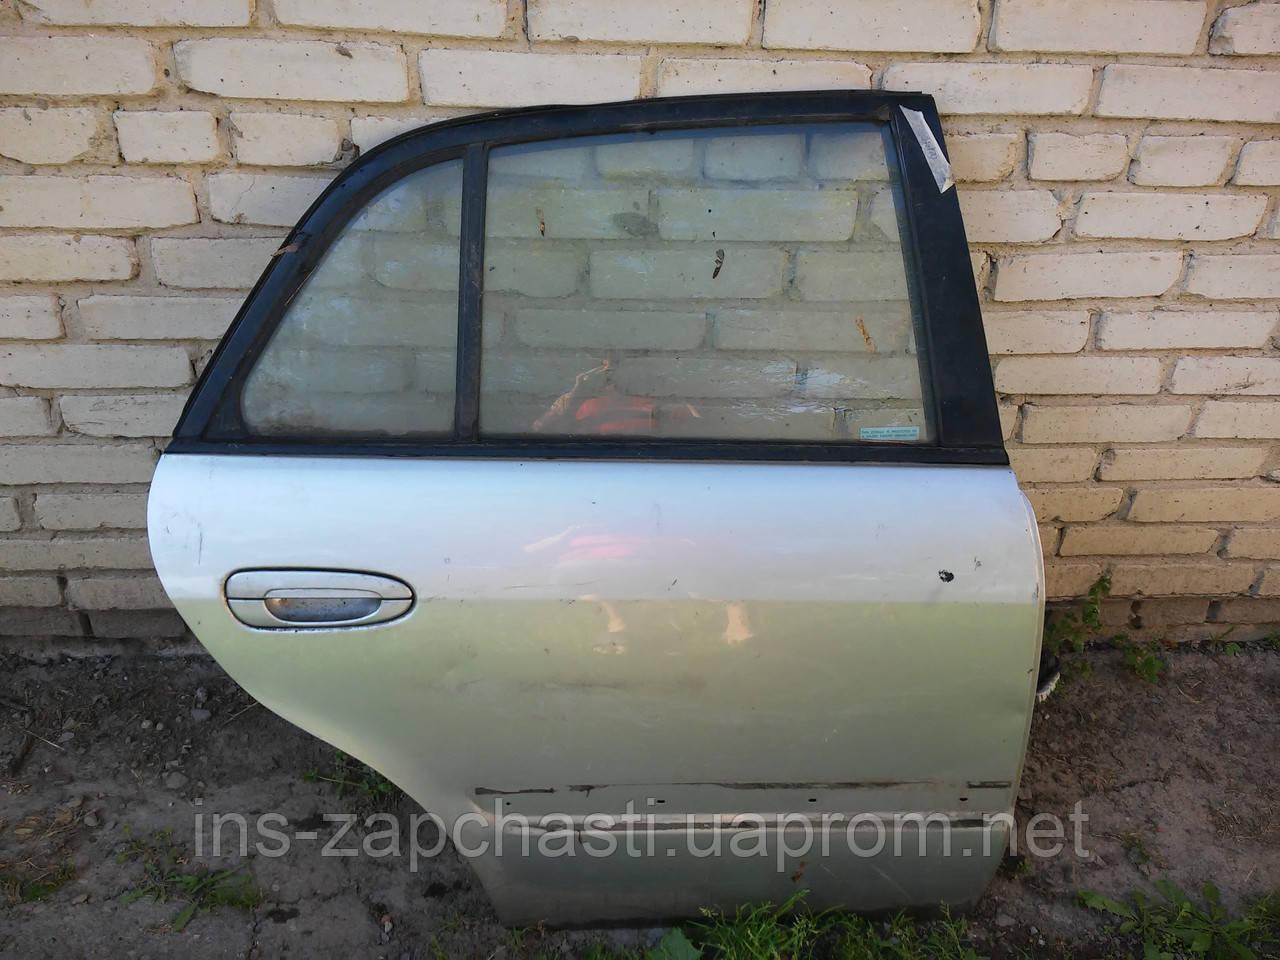 Дверь задняя правая Mazda 626 седан 1998-2002